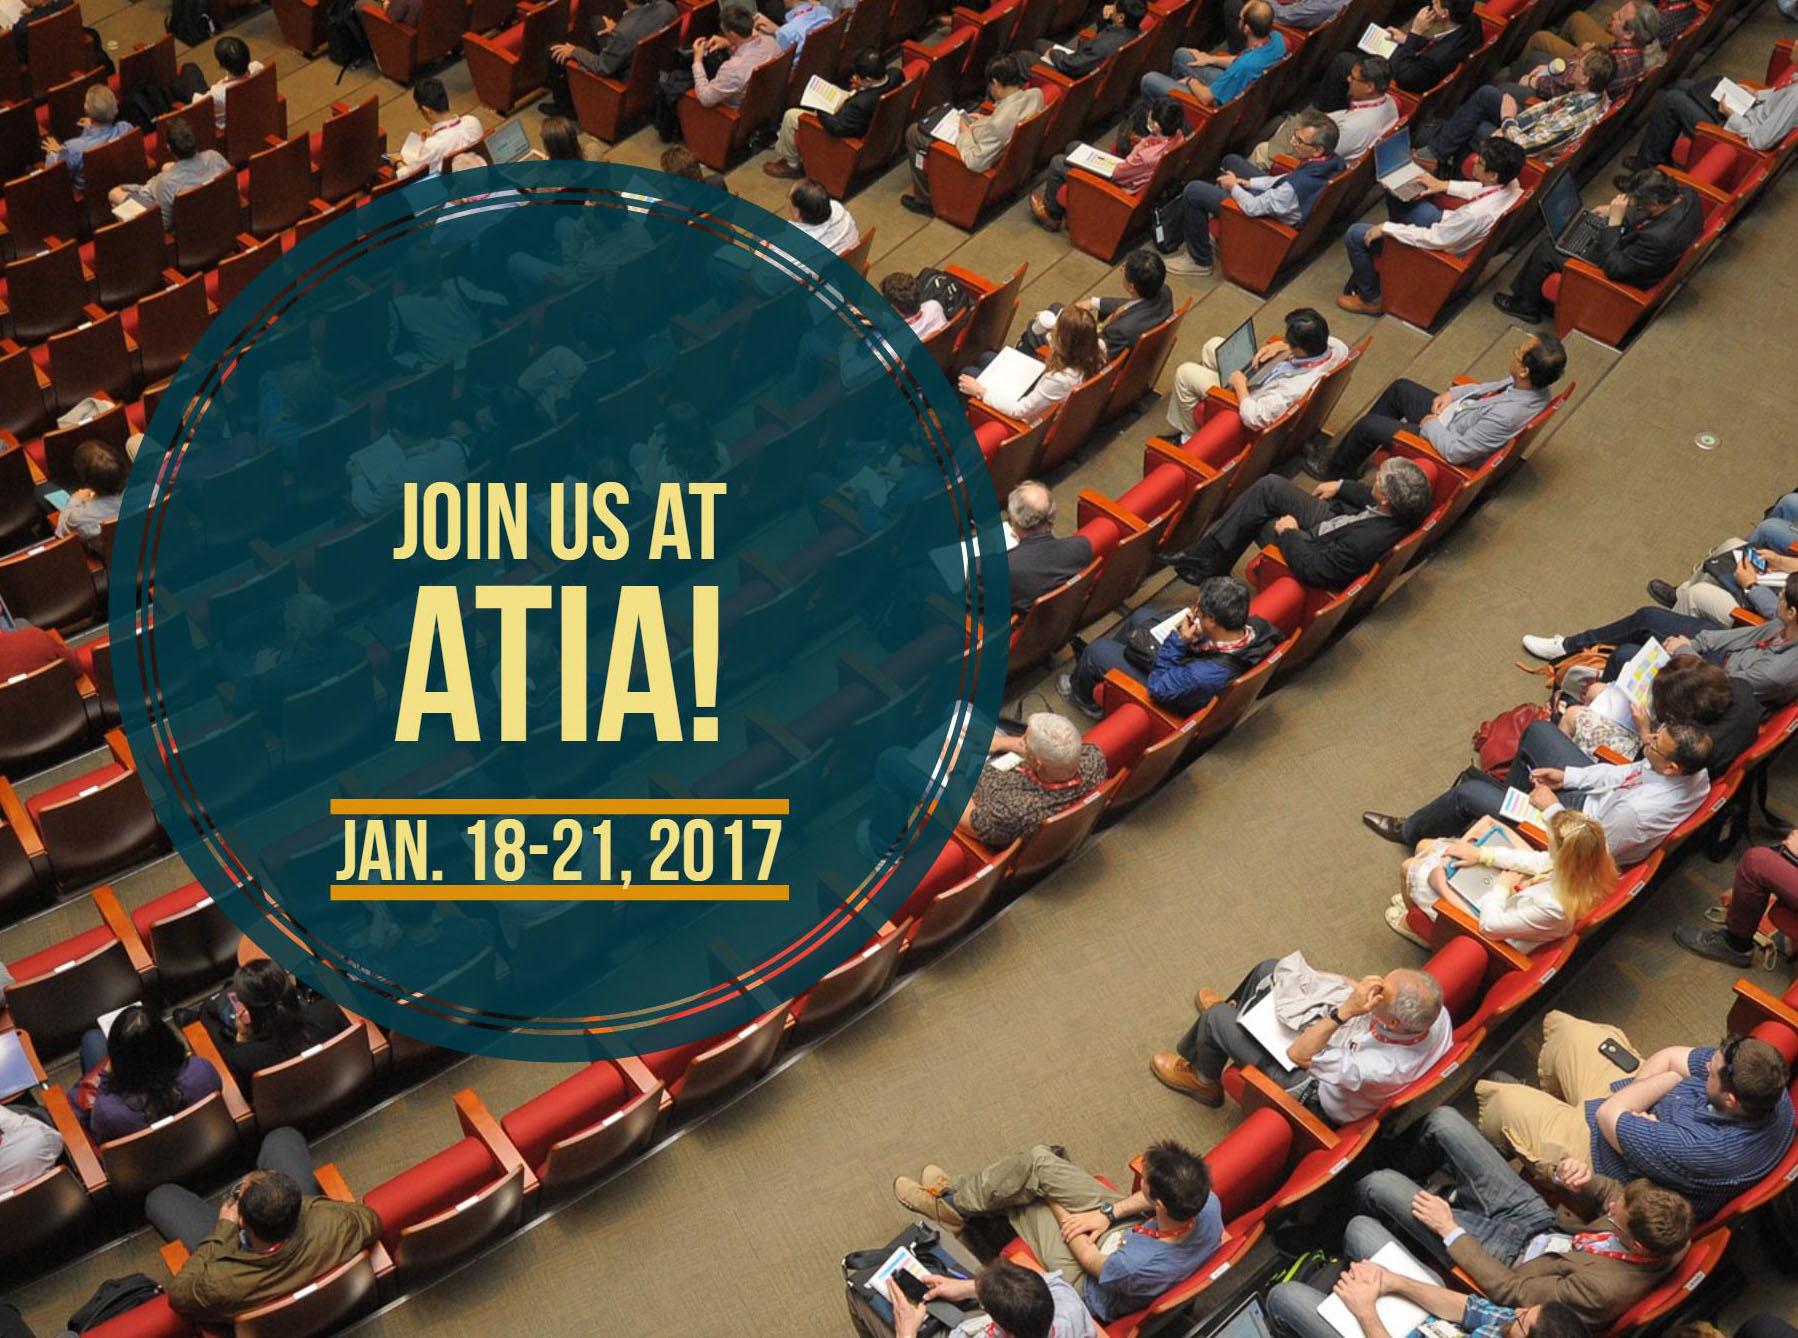 ATIA-thumbnail.jpg